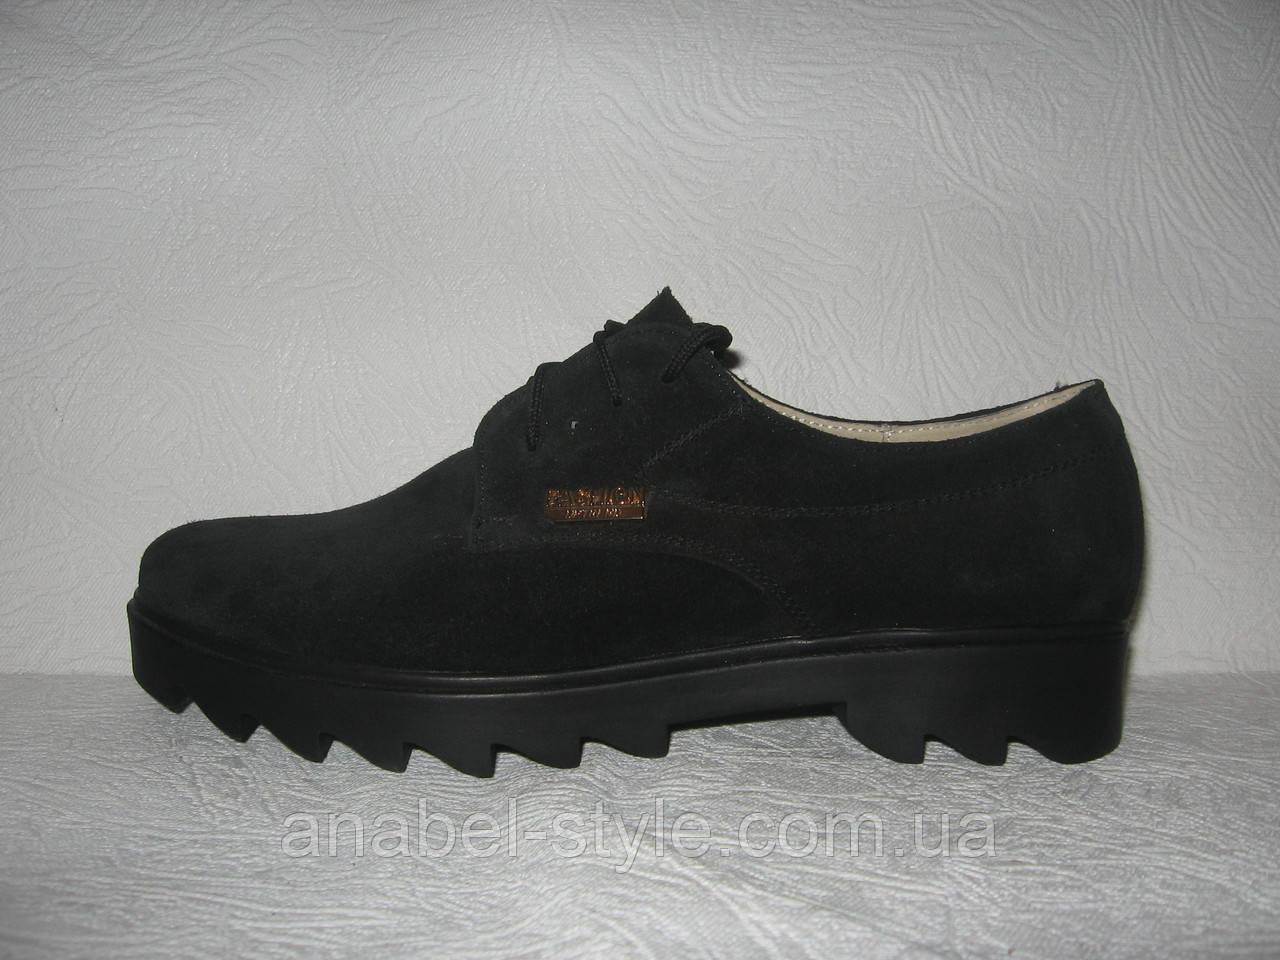 Туфли - оксфорды женские натуральная замша